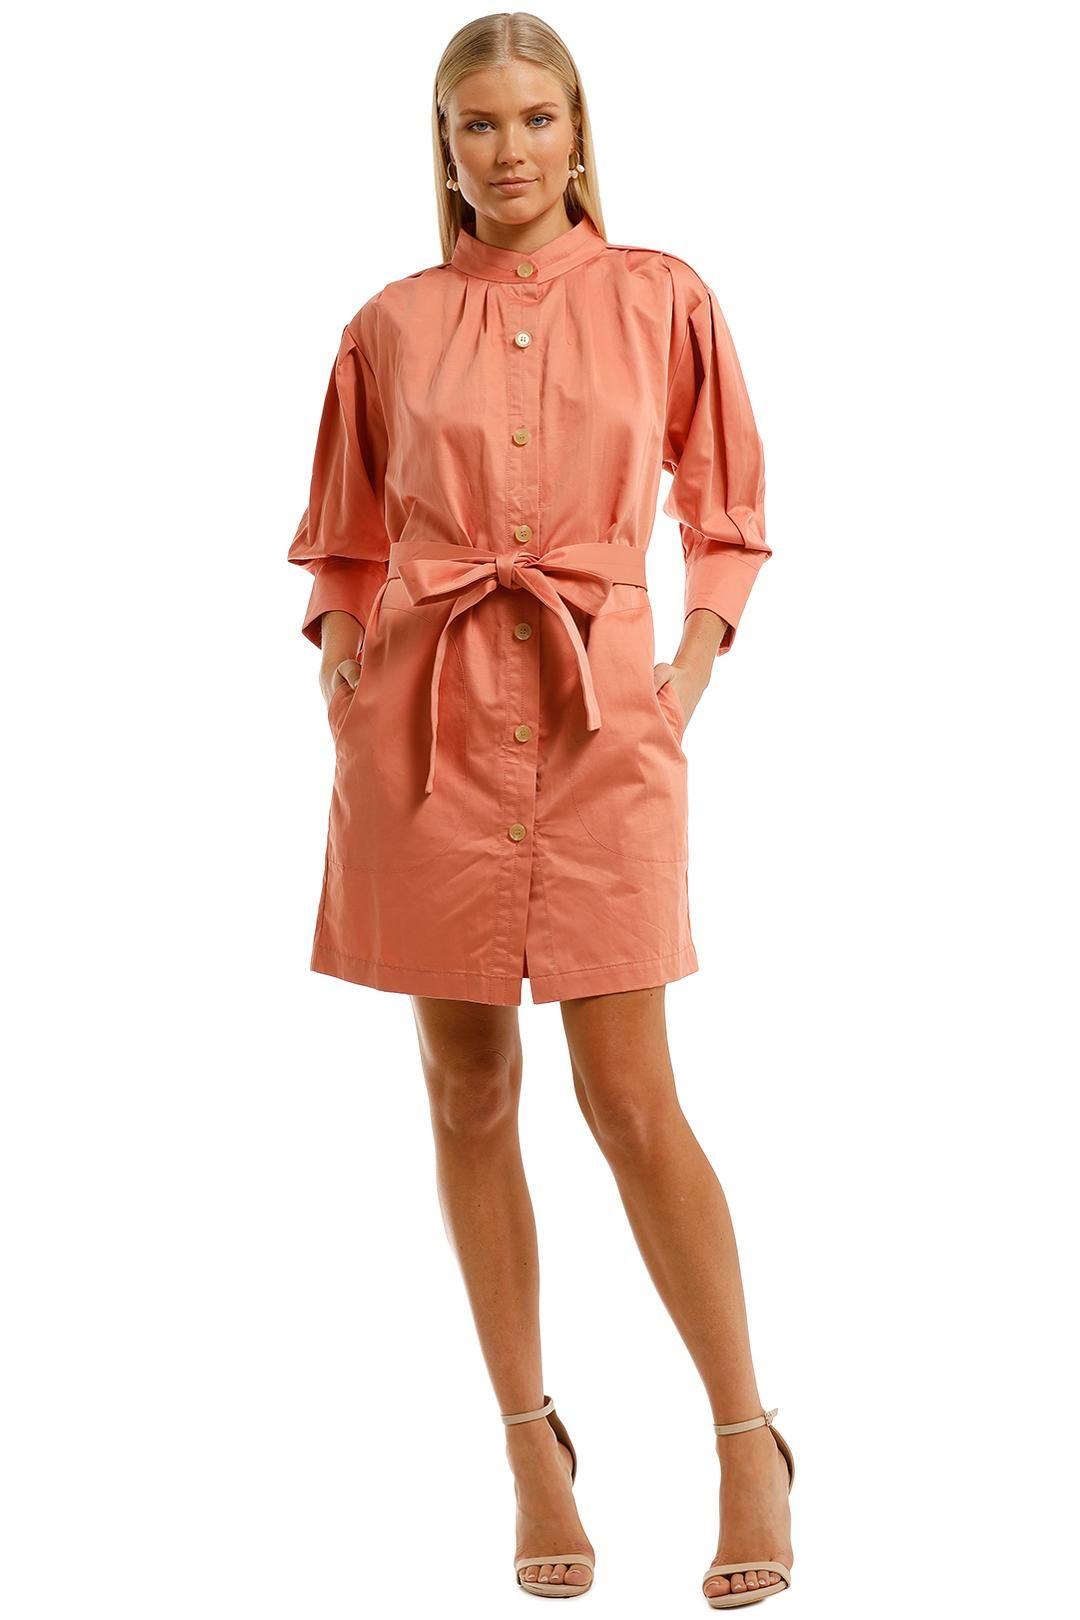 Oroton Placket Detail Dress Orange Mini Length